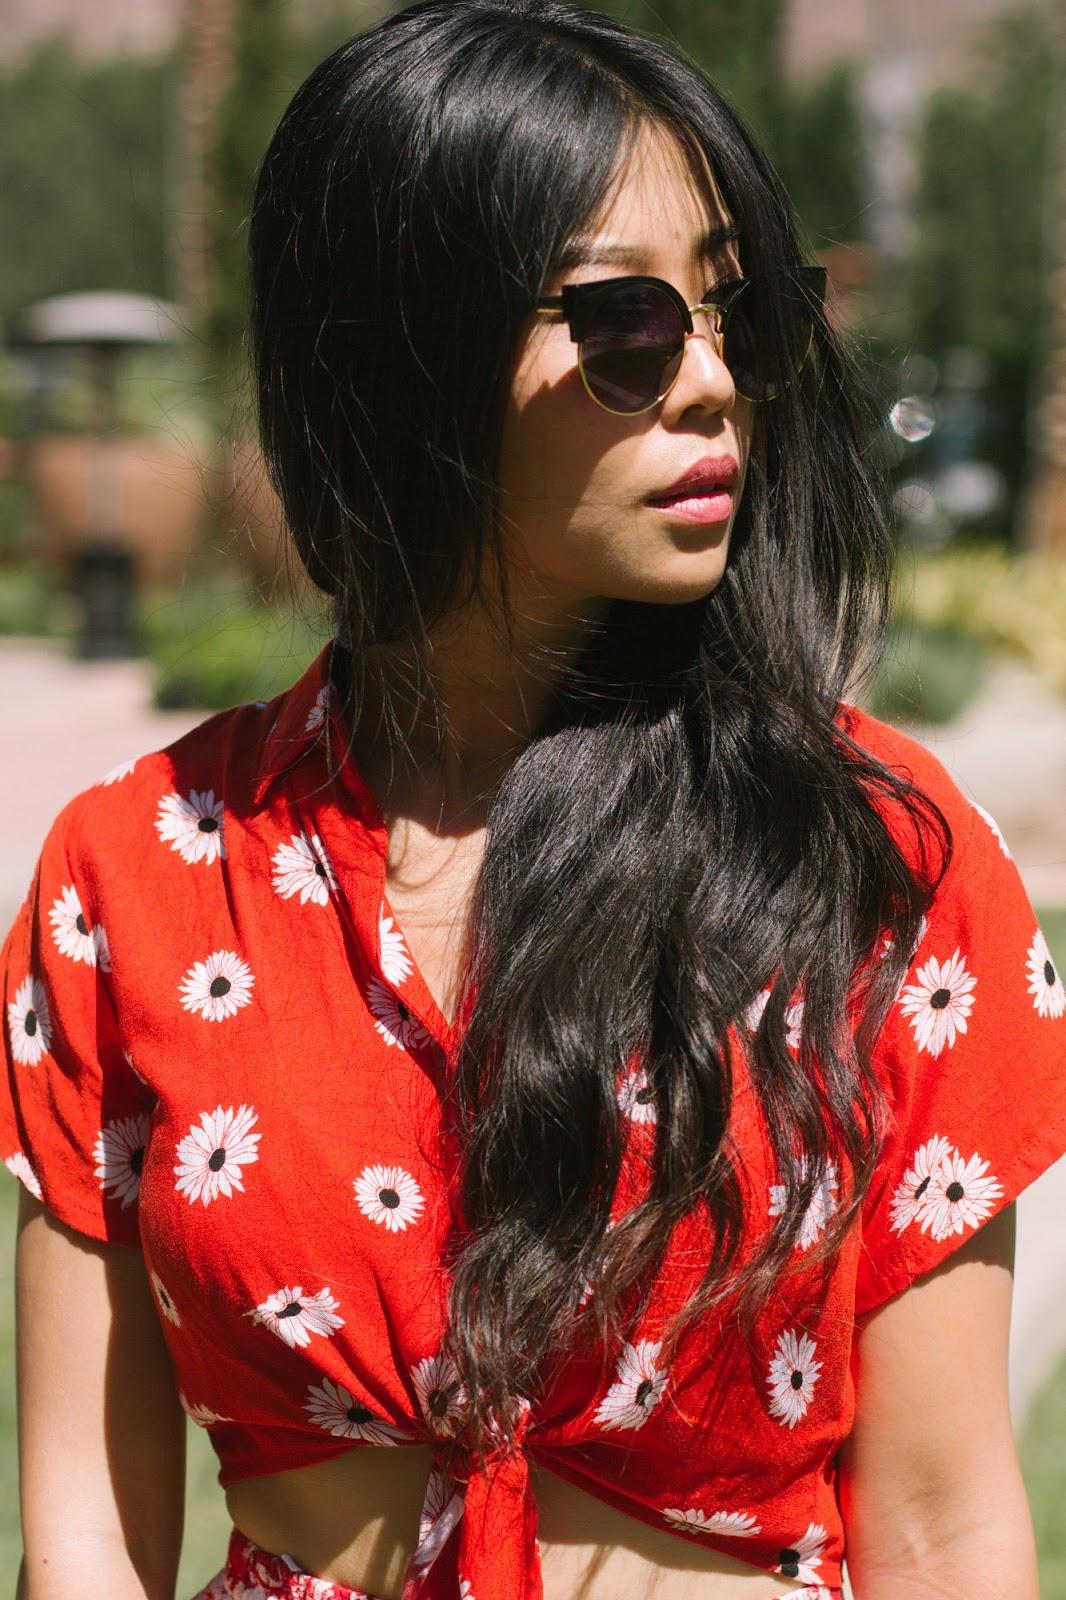 LA fashion lawyer style beauty blogger